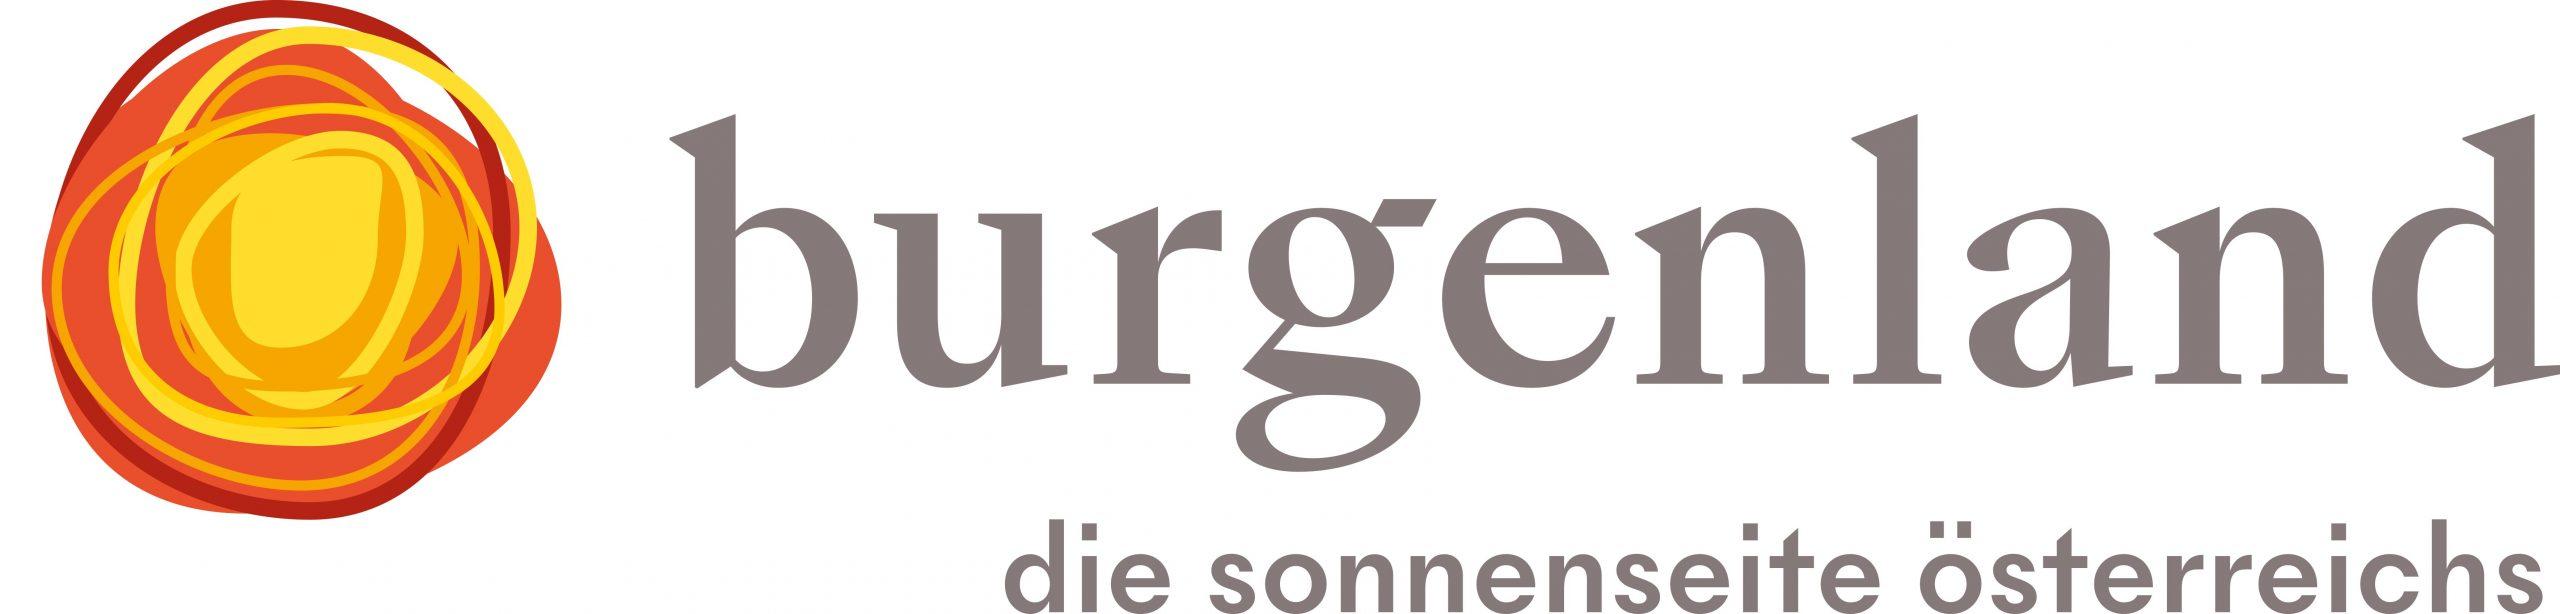 Logo vom Burgenland Tourismus